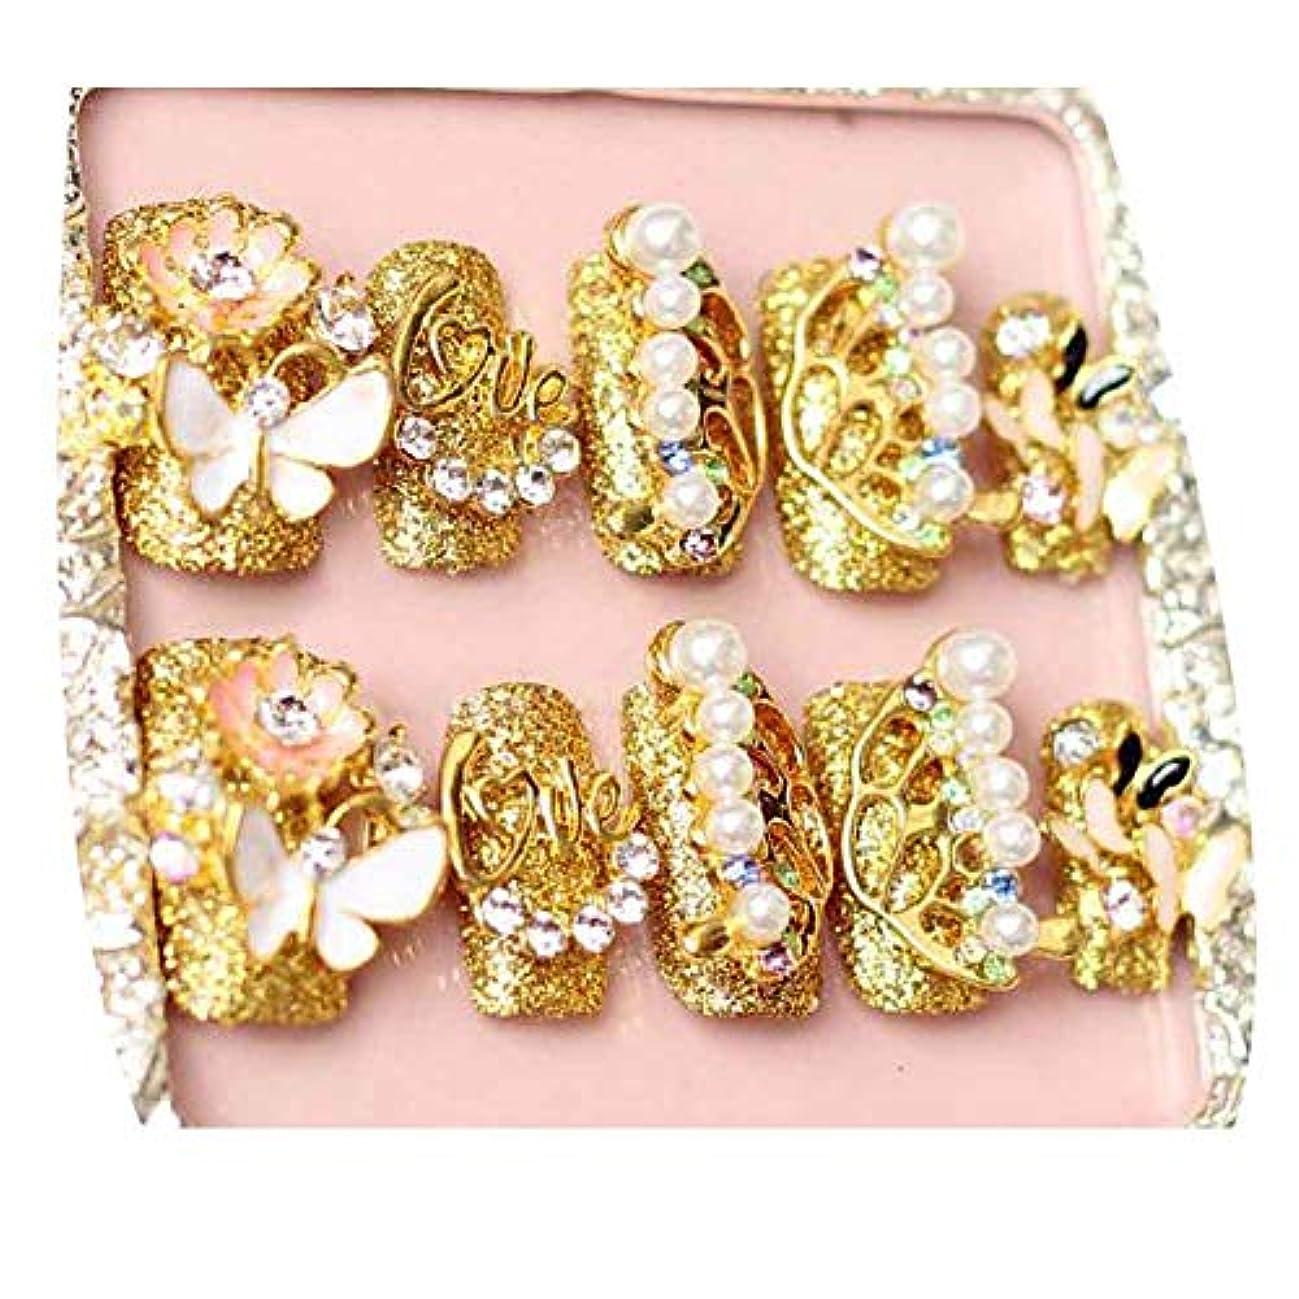 アストロラーベ貸す下線蝶 - ゴールドカラー偽爪結婚式人工爪のヒントビーズネイルアート